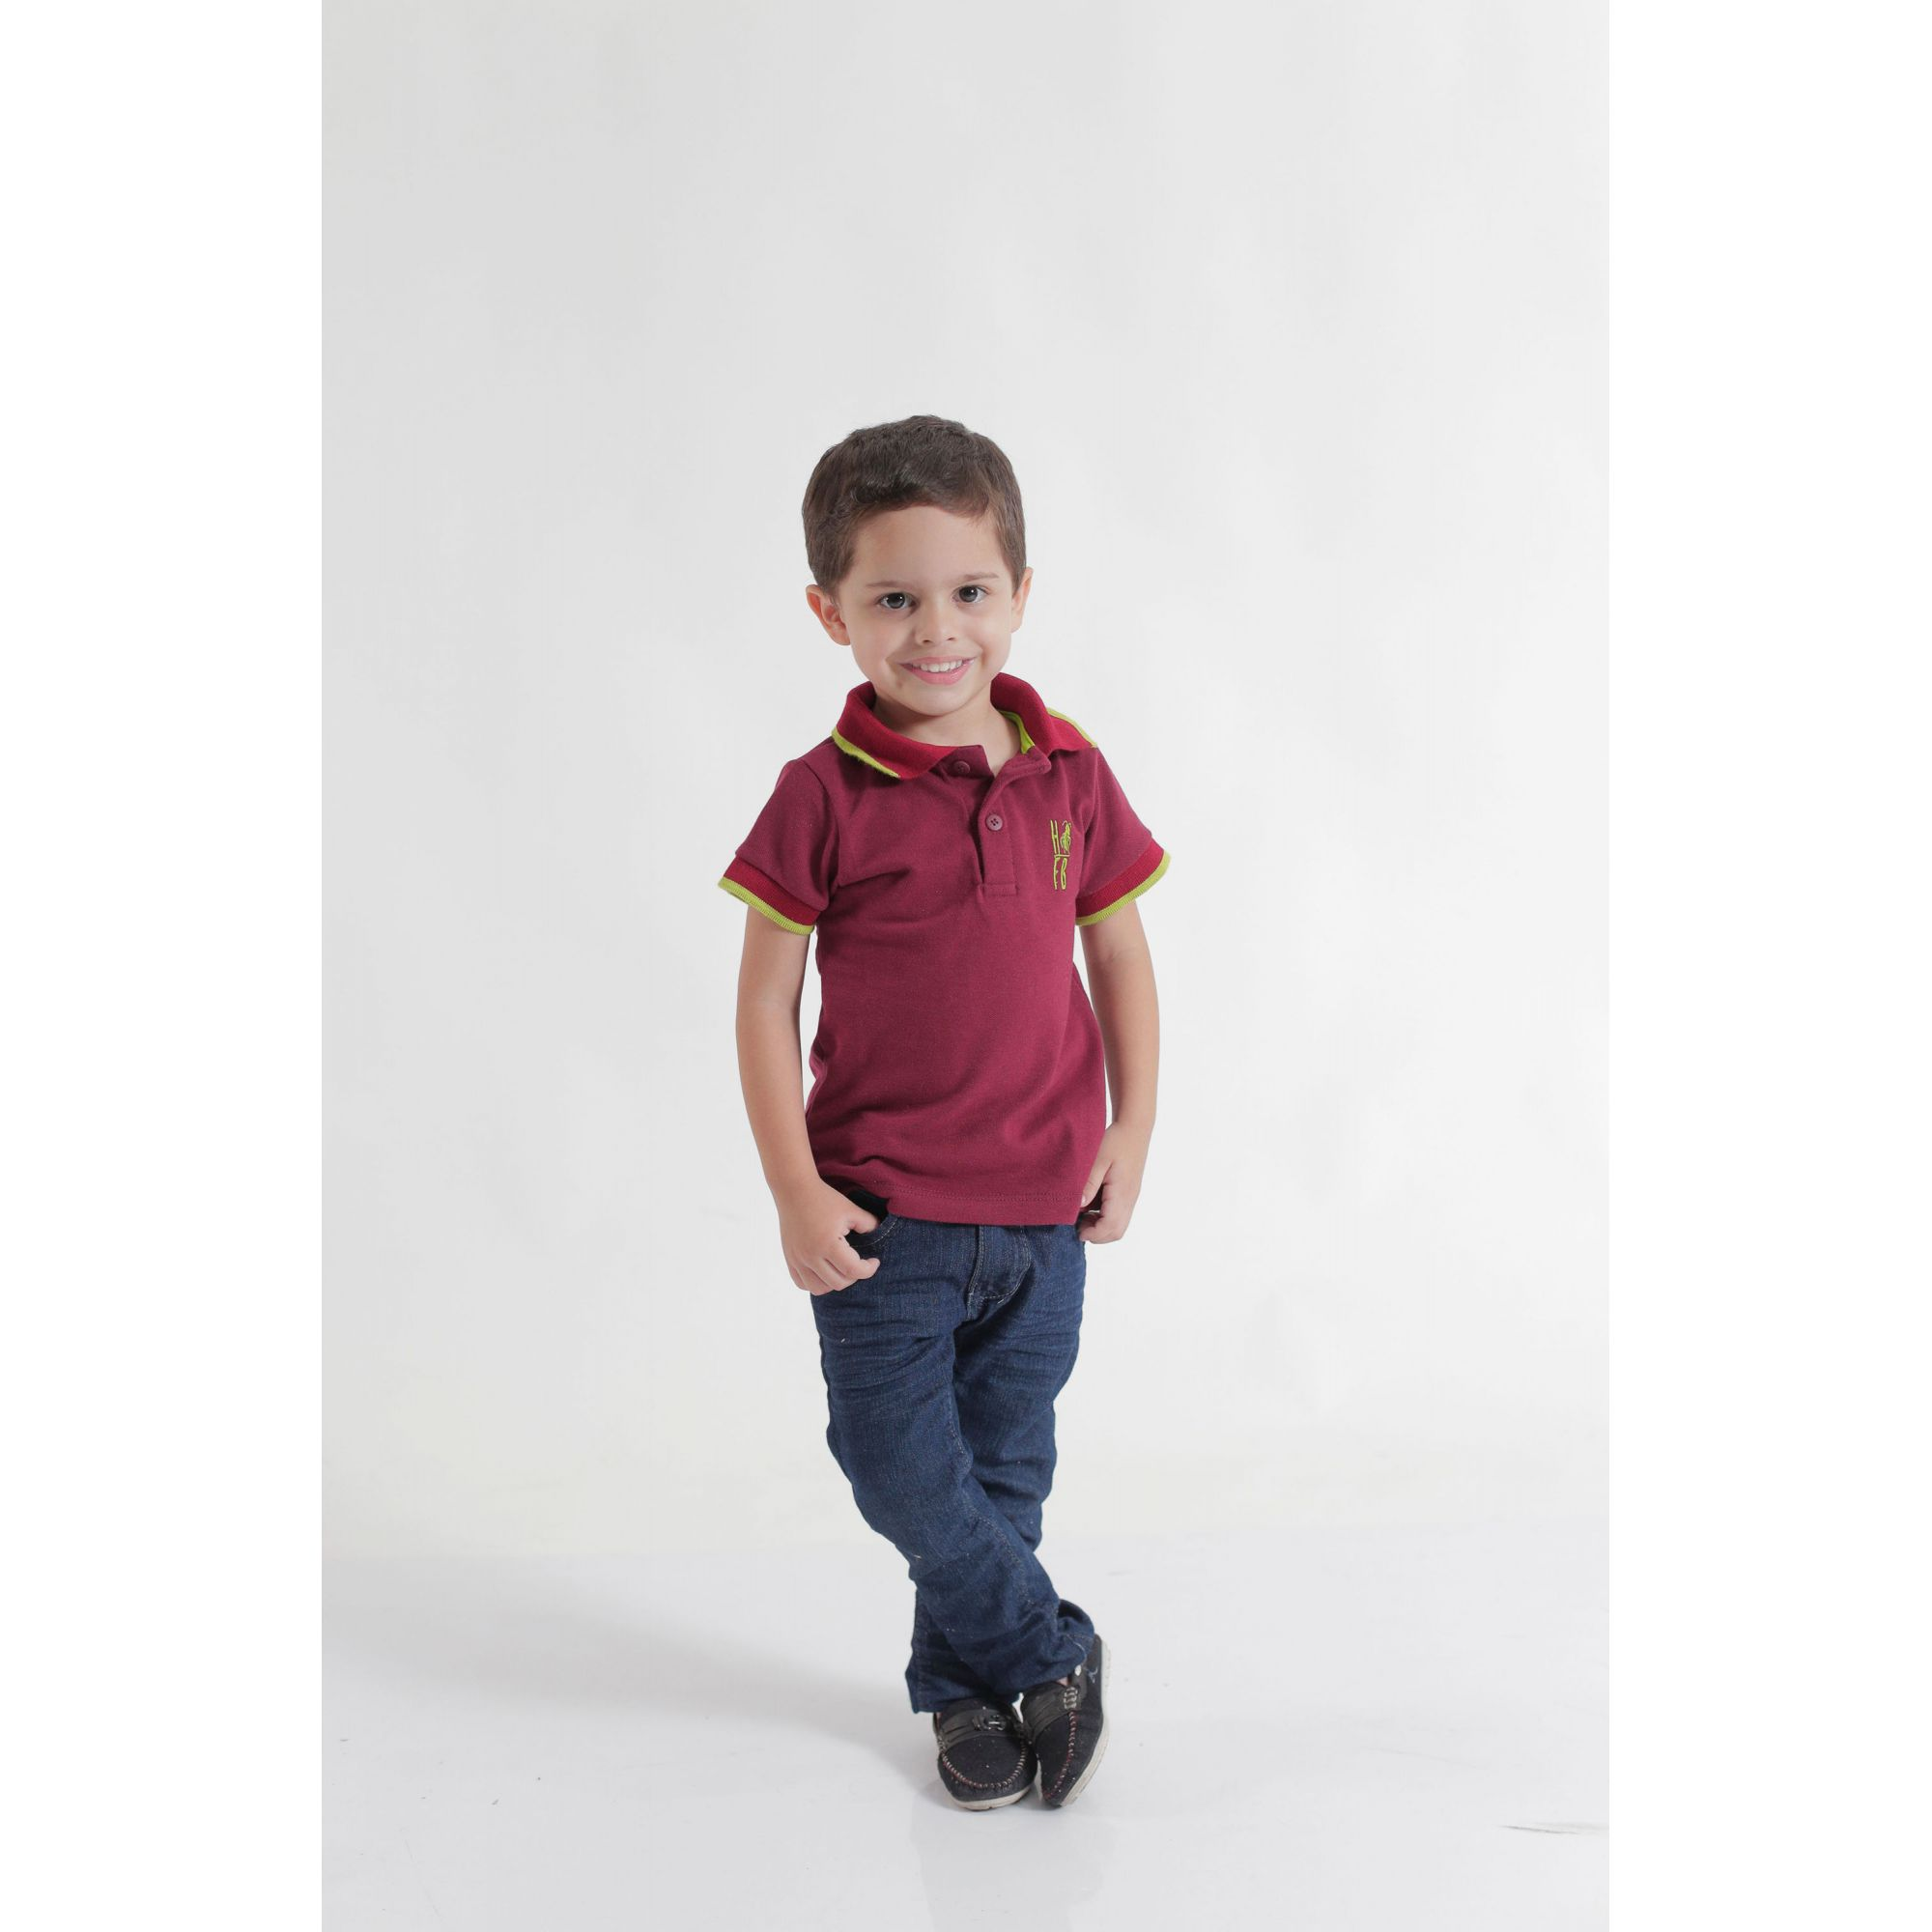 PAIS E FILHOS > Kit 3 peças Camisas ou Body Polo e Vestido Bordo [Coleção Família]  - Heitor Fashion Brazil